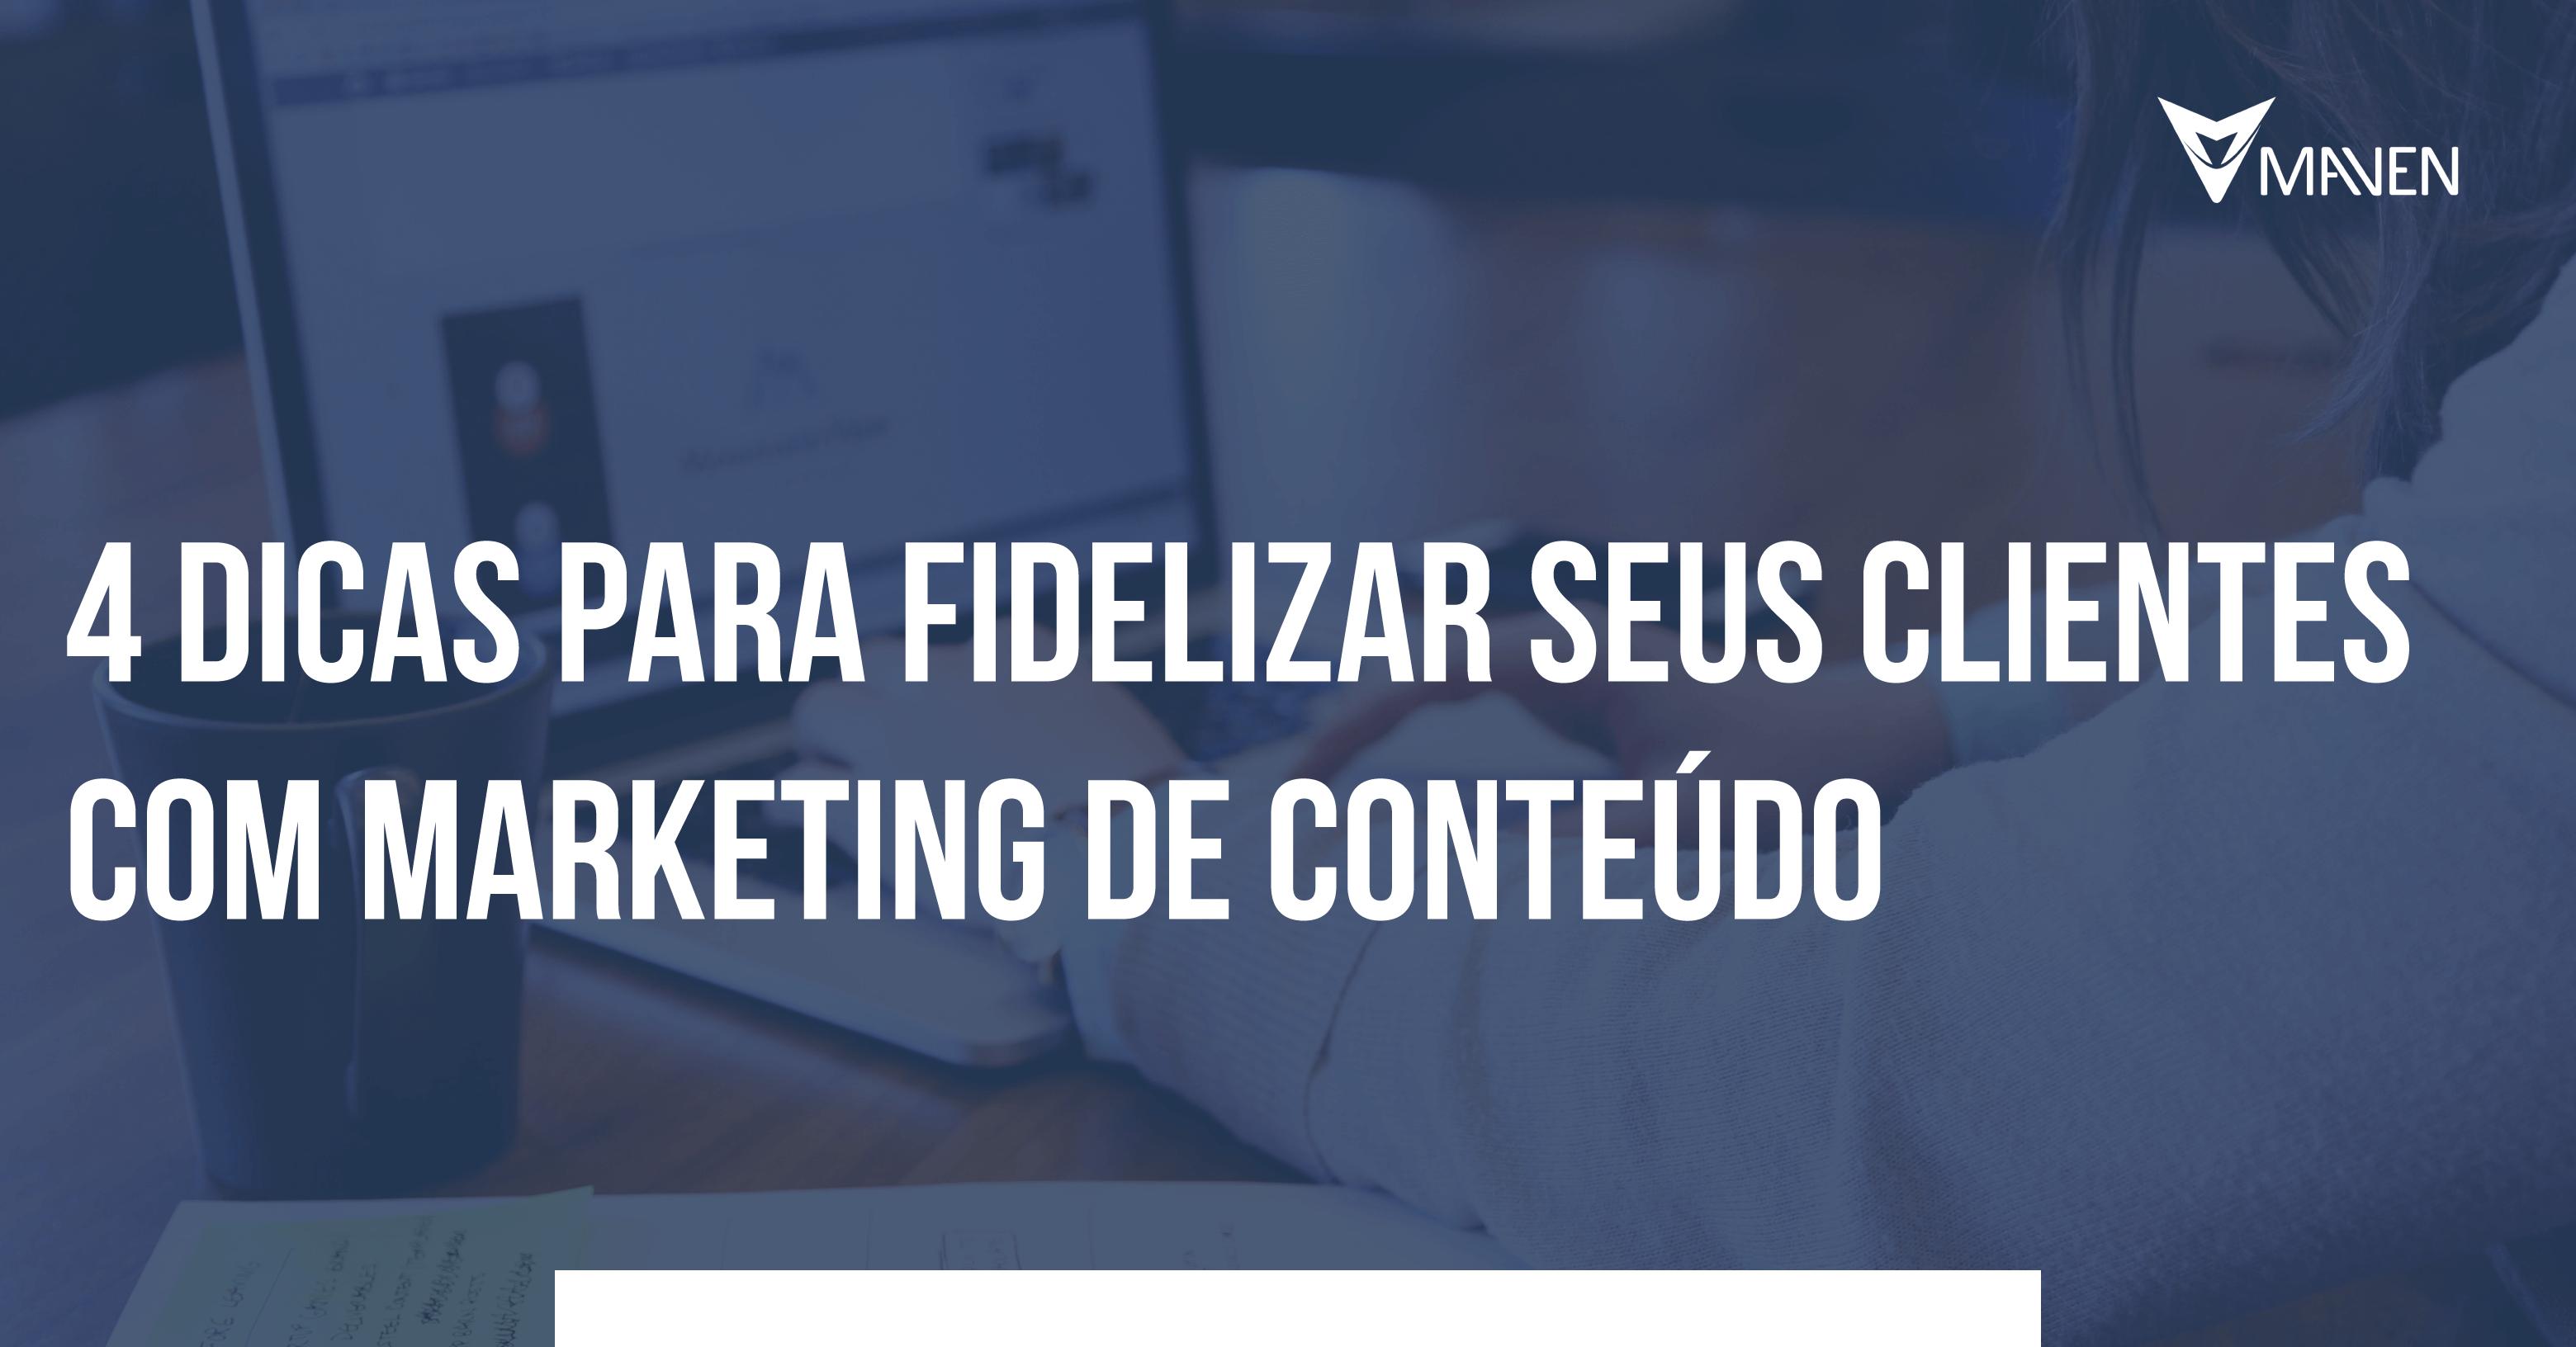 fidelizar clientes com marketing de conteúdo